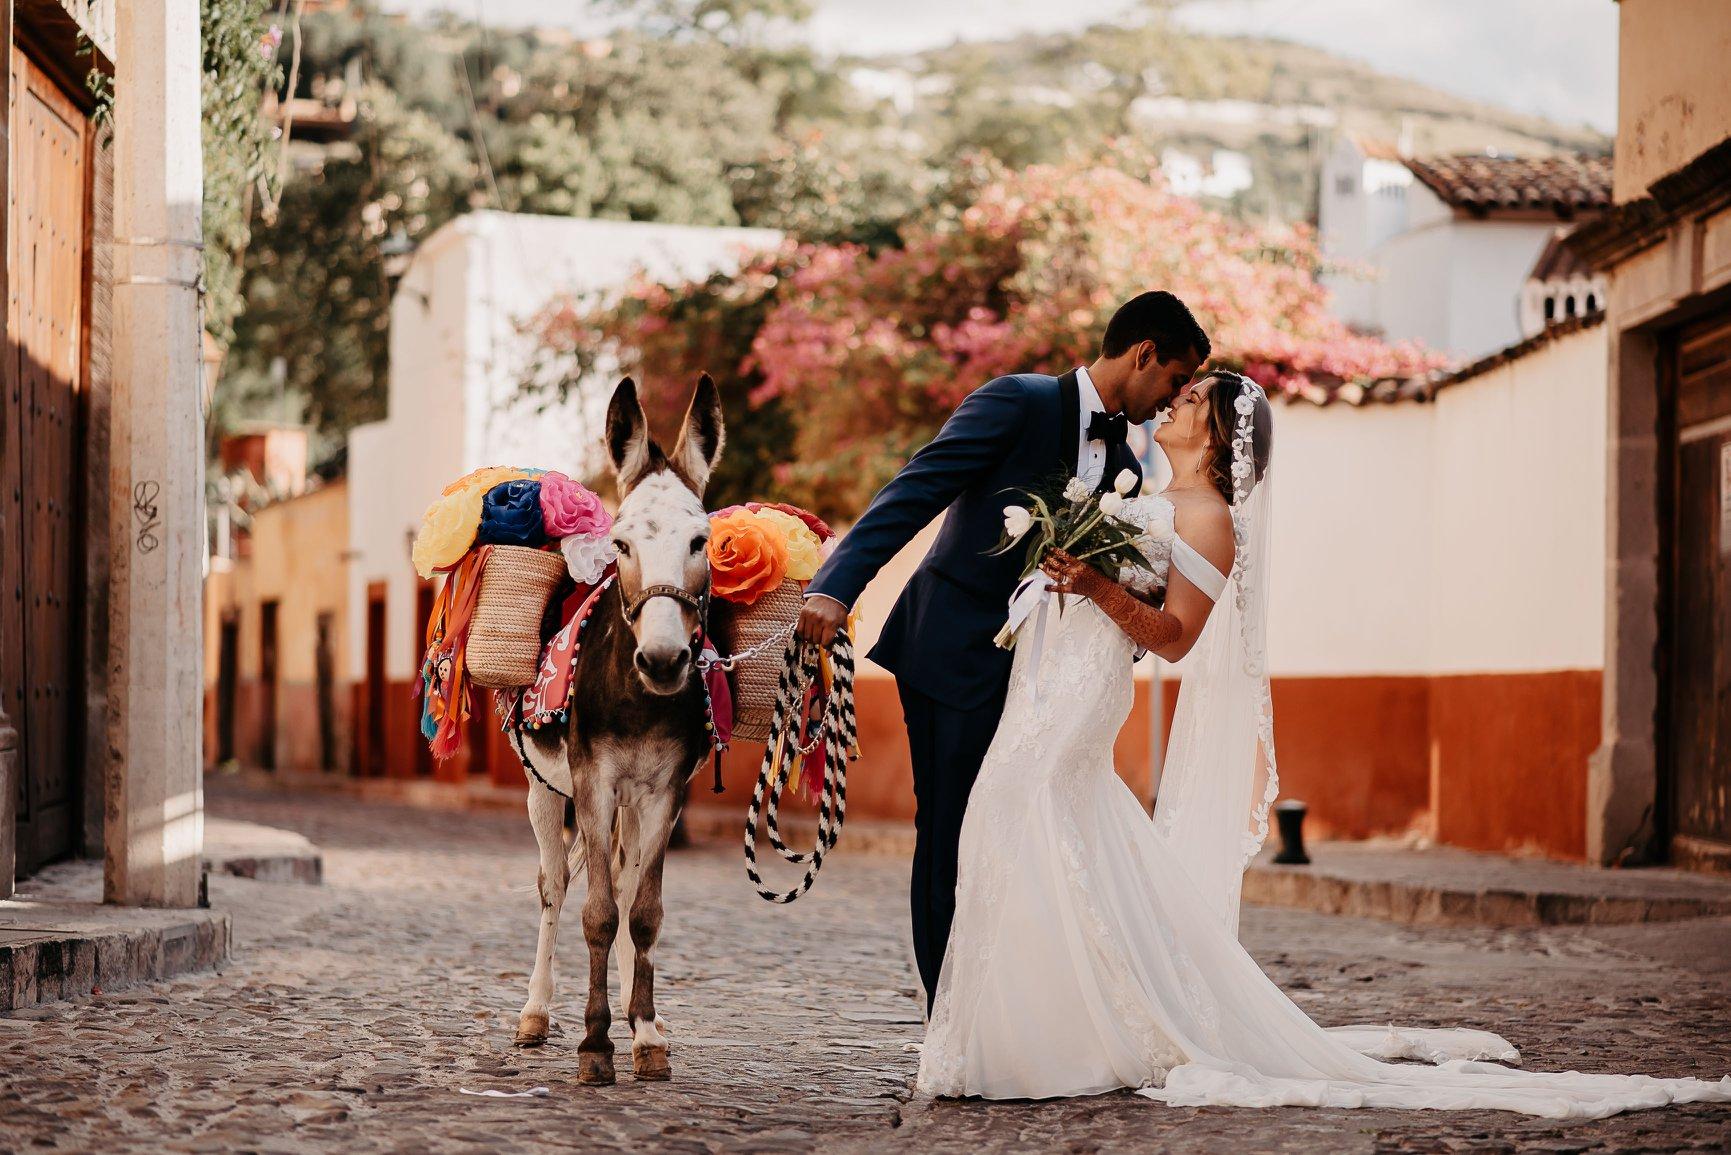 Pop Up Weddings México, micro bodas y elopements en México, bodas en San Miguel de Allende, bodas en el Caribe mexicano - Wedding Hub - 02